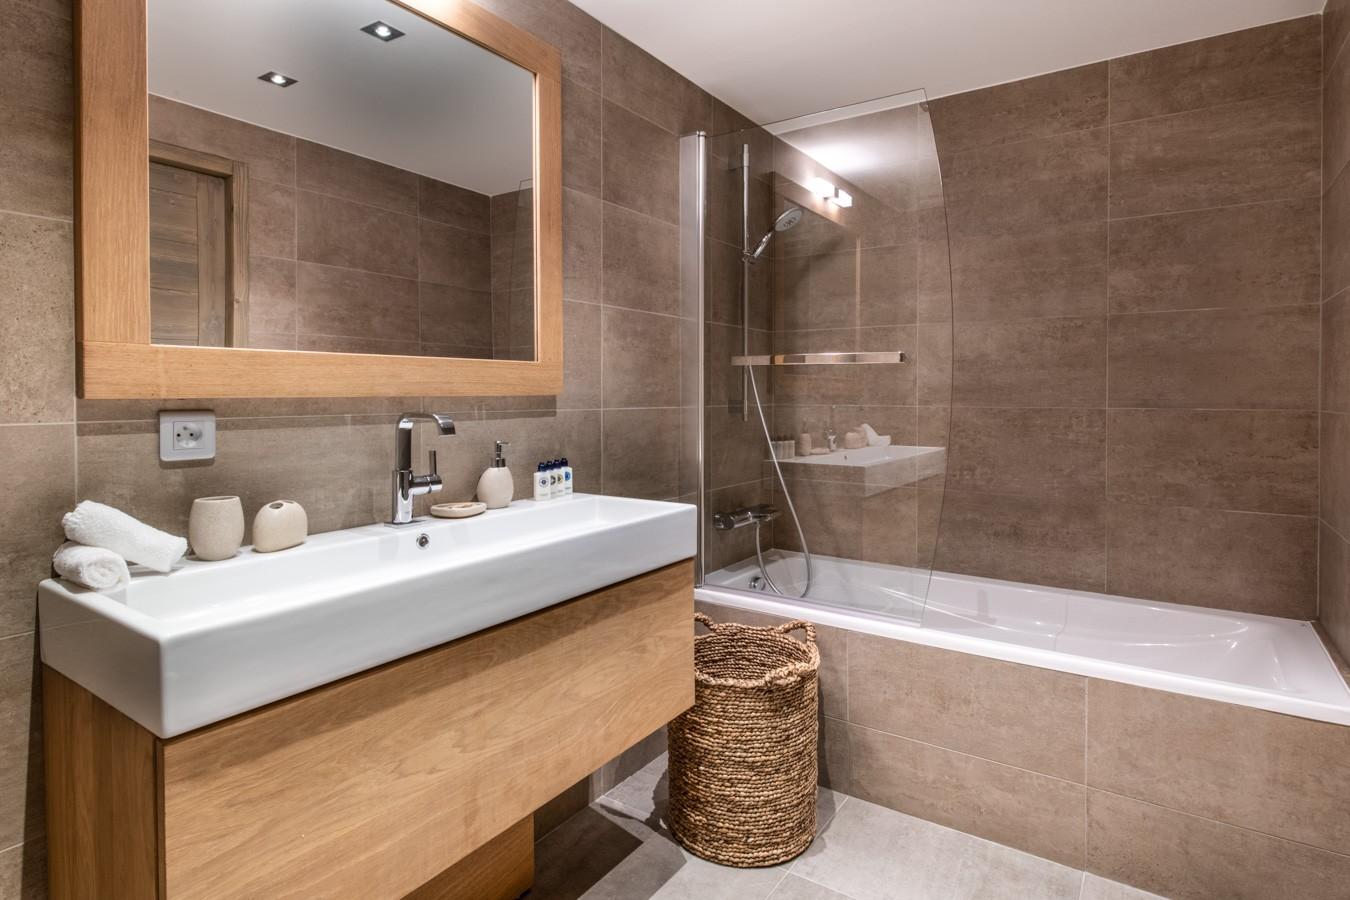 Courchevel 1650 Location Appartement Luxe Aluminite Salle De Bain